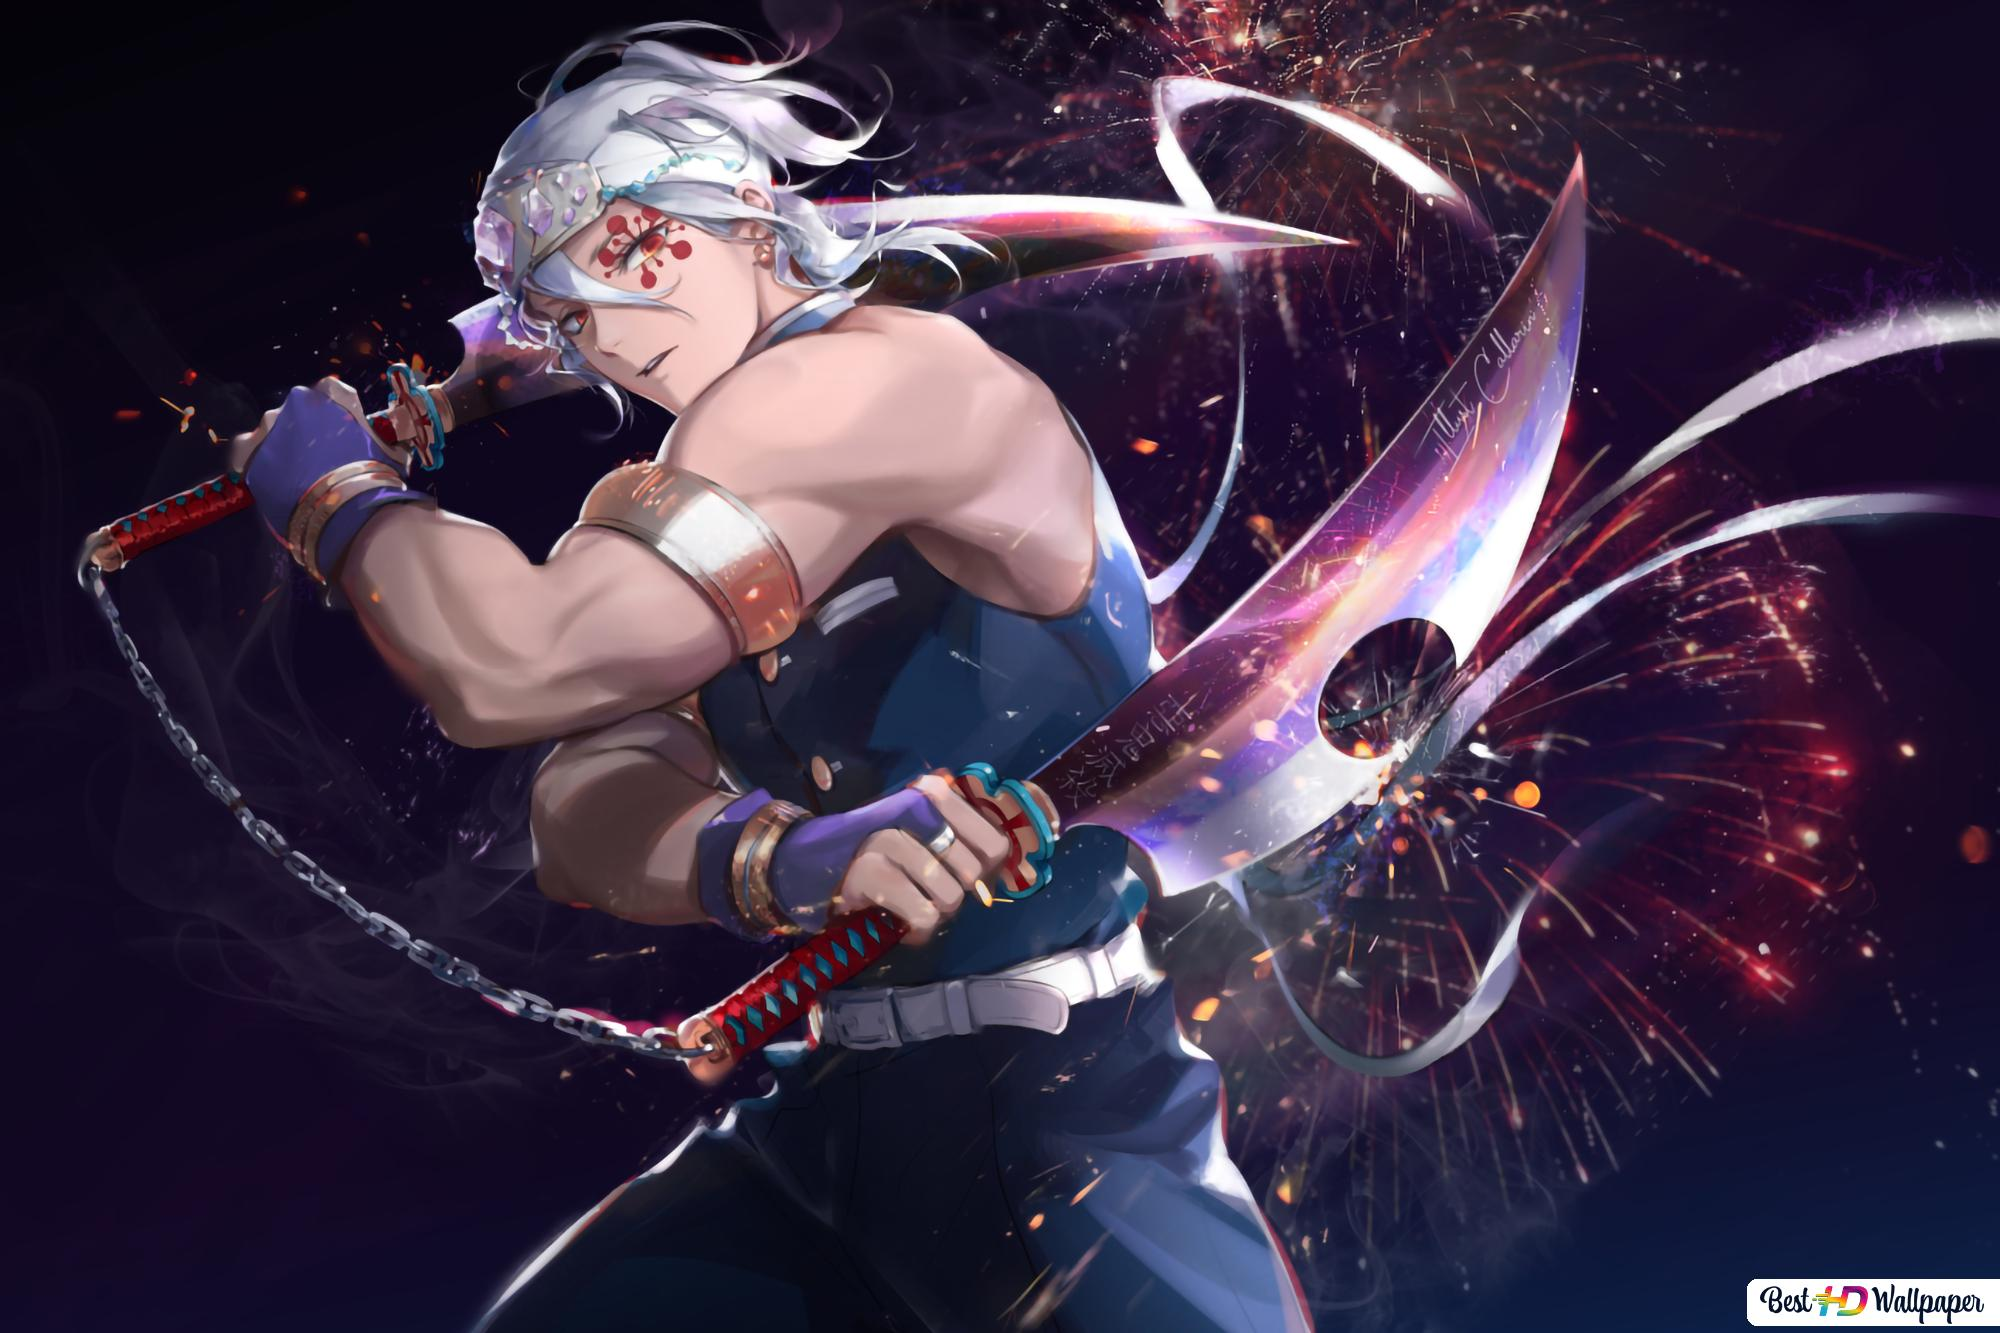 Kimetsu No Yaiba Sound Hashira Tengen Uzui Hd Wallpaper Download See more ideas about slayer anime, slayer, demon. sound hashira tengen uzui hd wallpaper